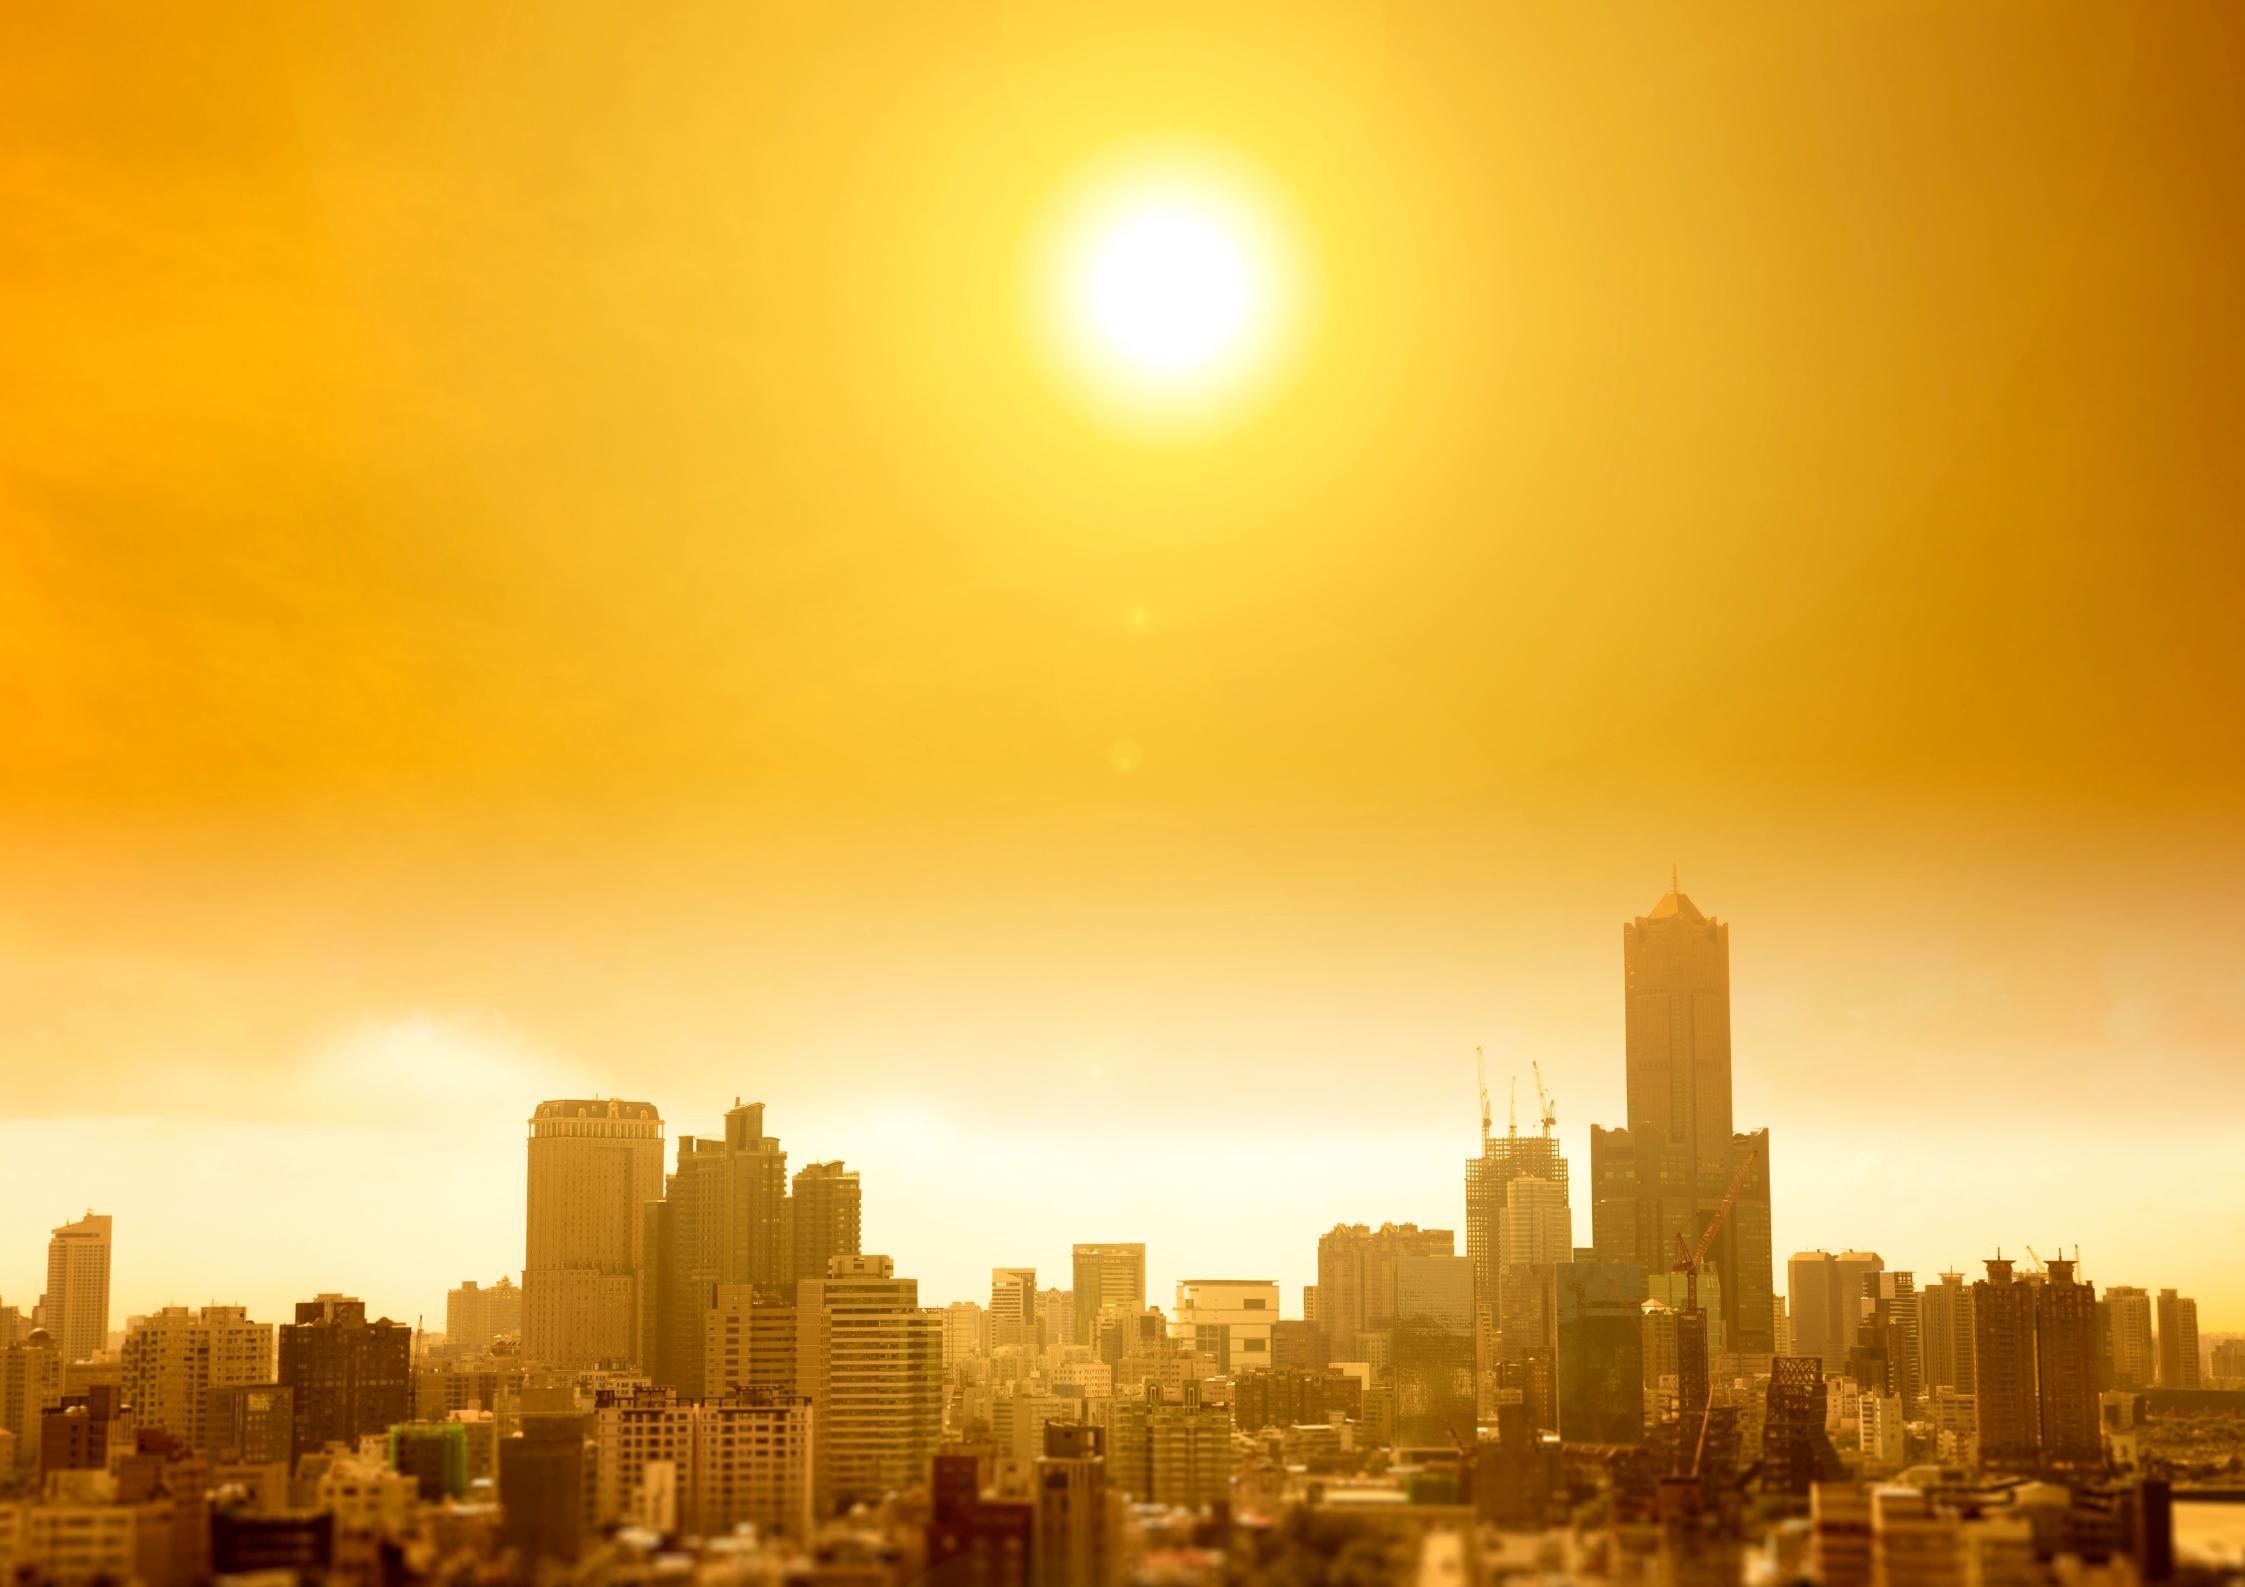 Réchauffement climatique et îlots de chaleur urbains : quelles solutions ?